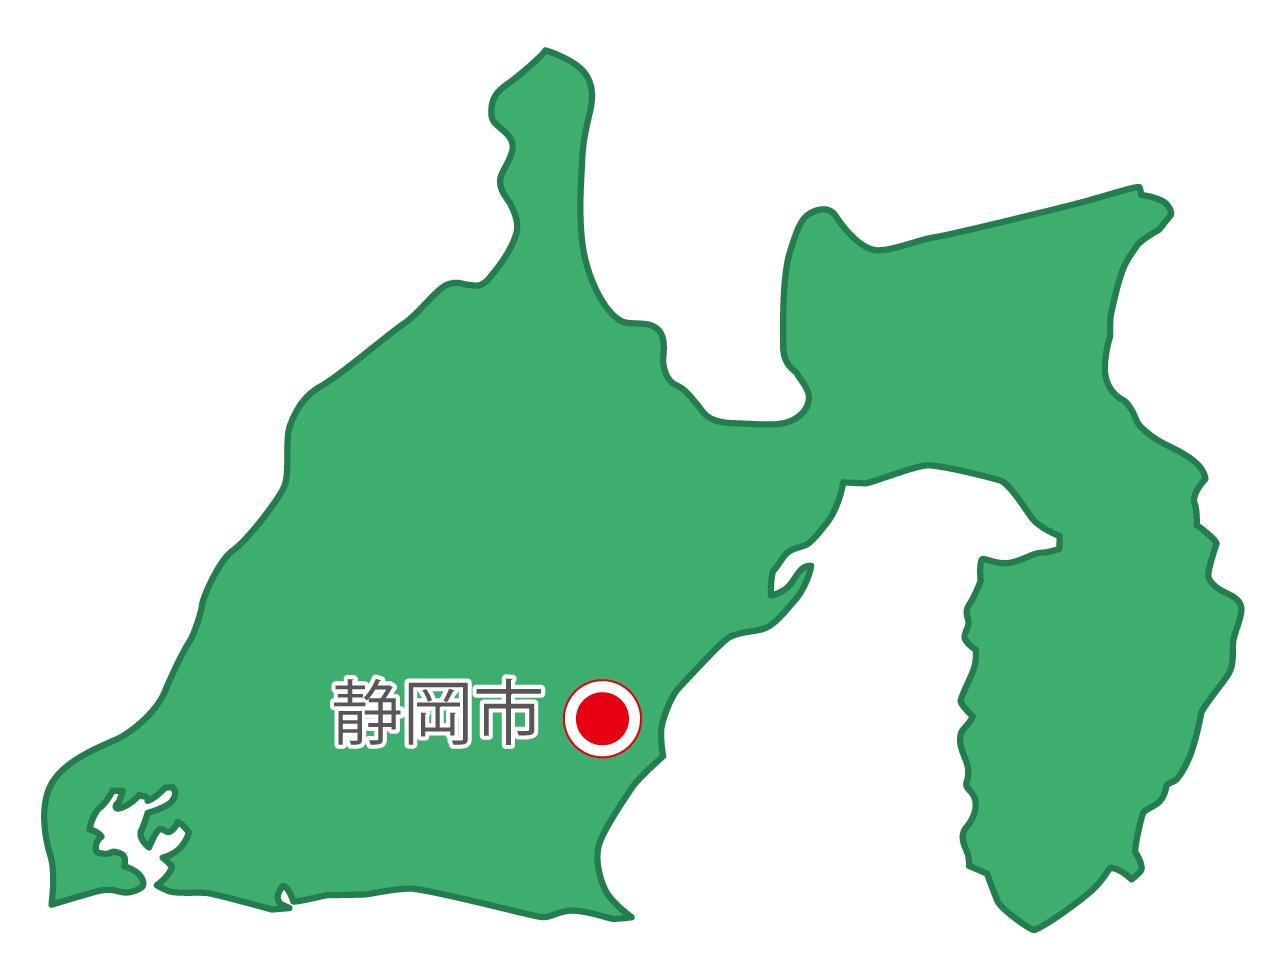 静岡県無料フリーイラスト|日本語・県庁所在地あり(緑)